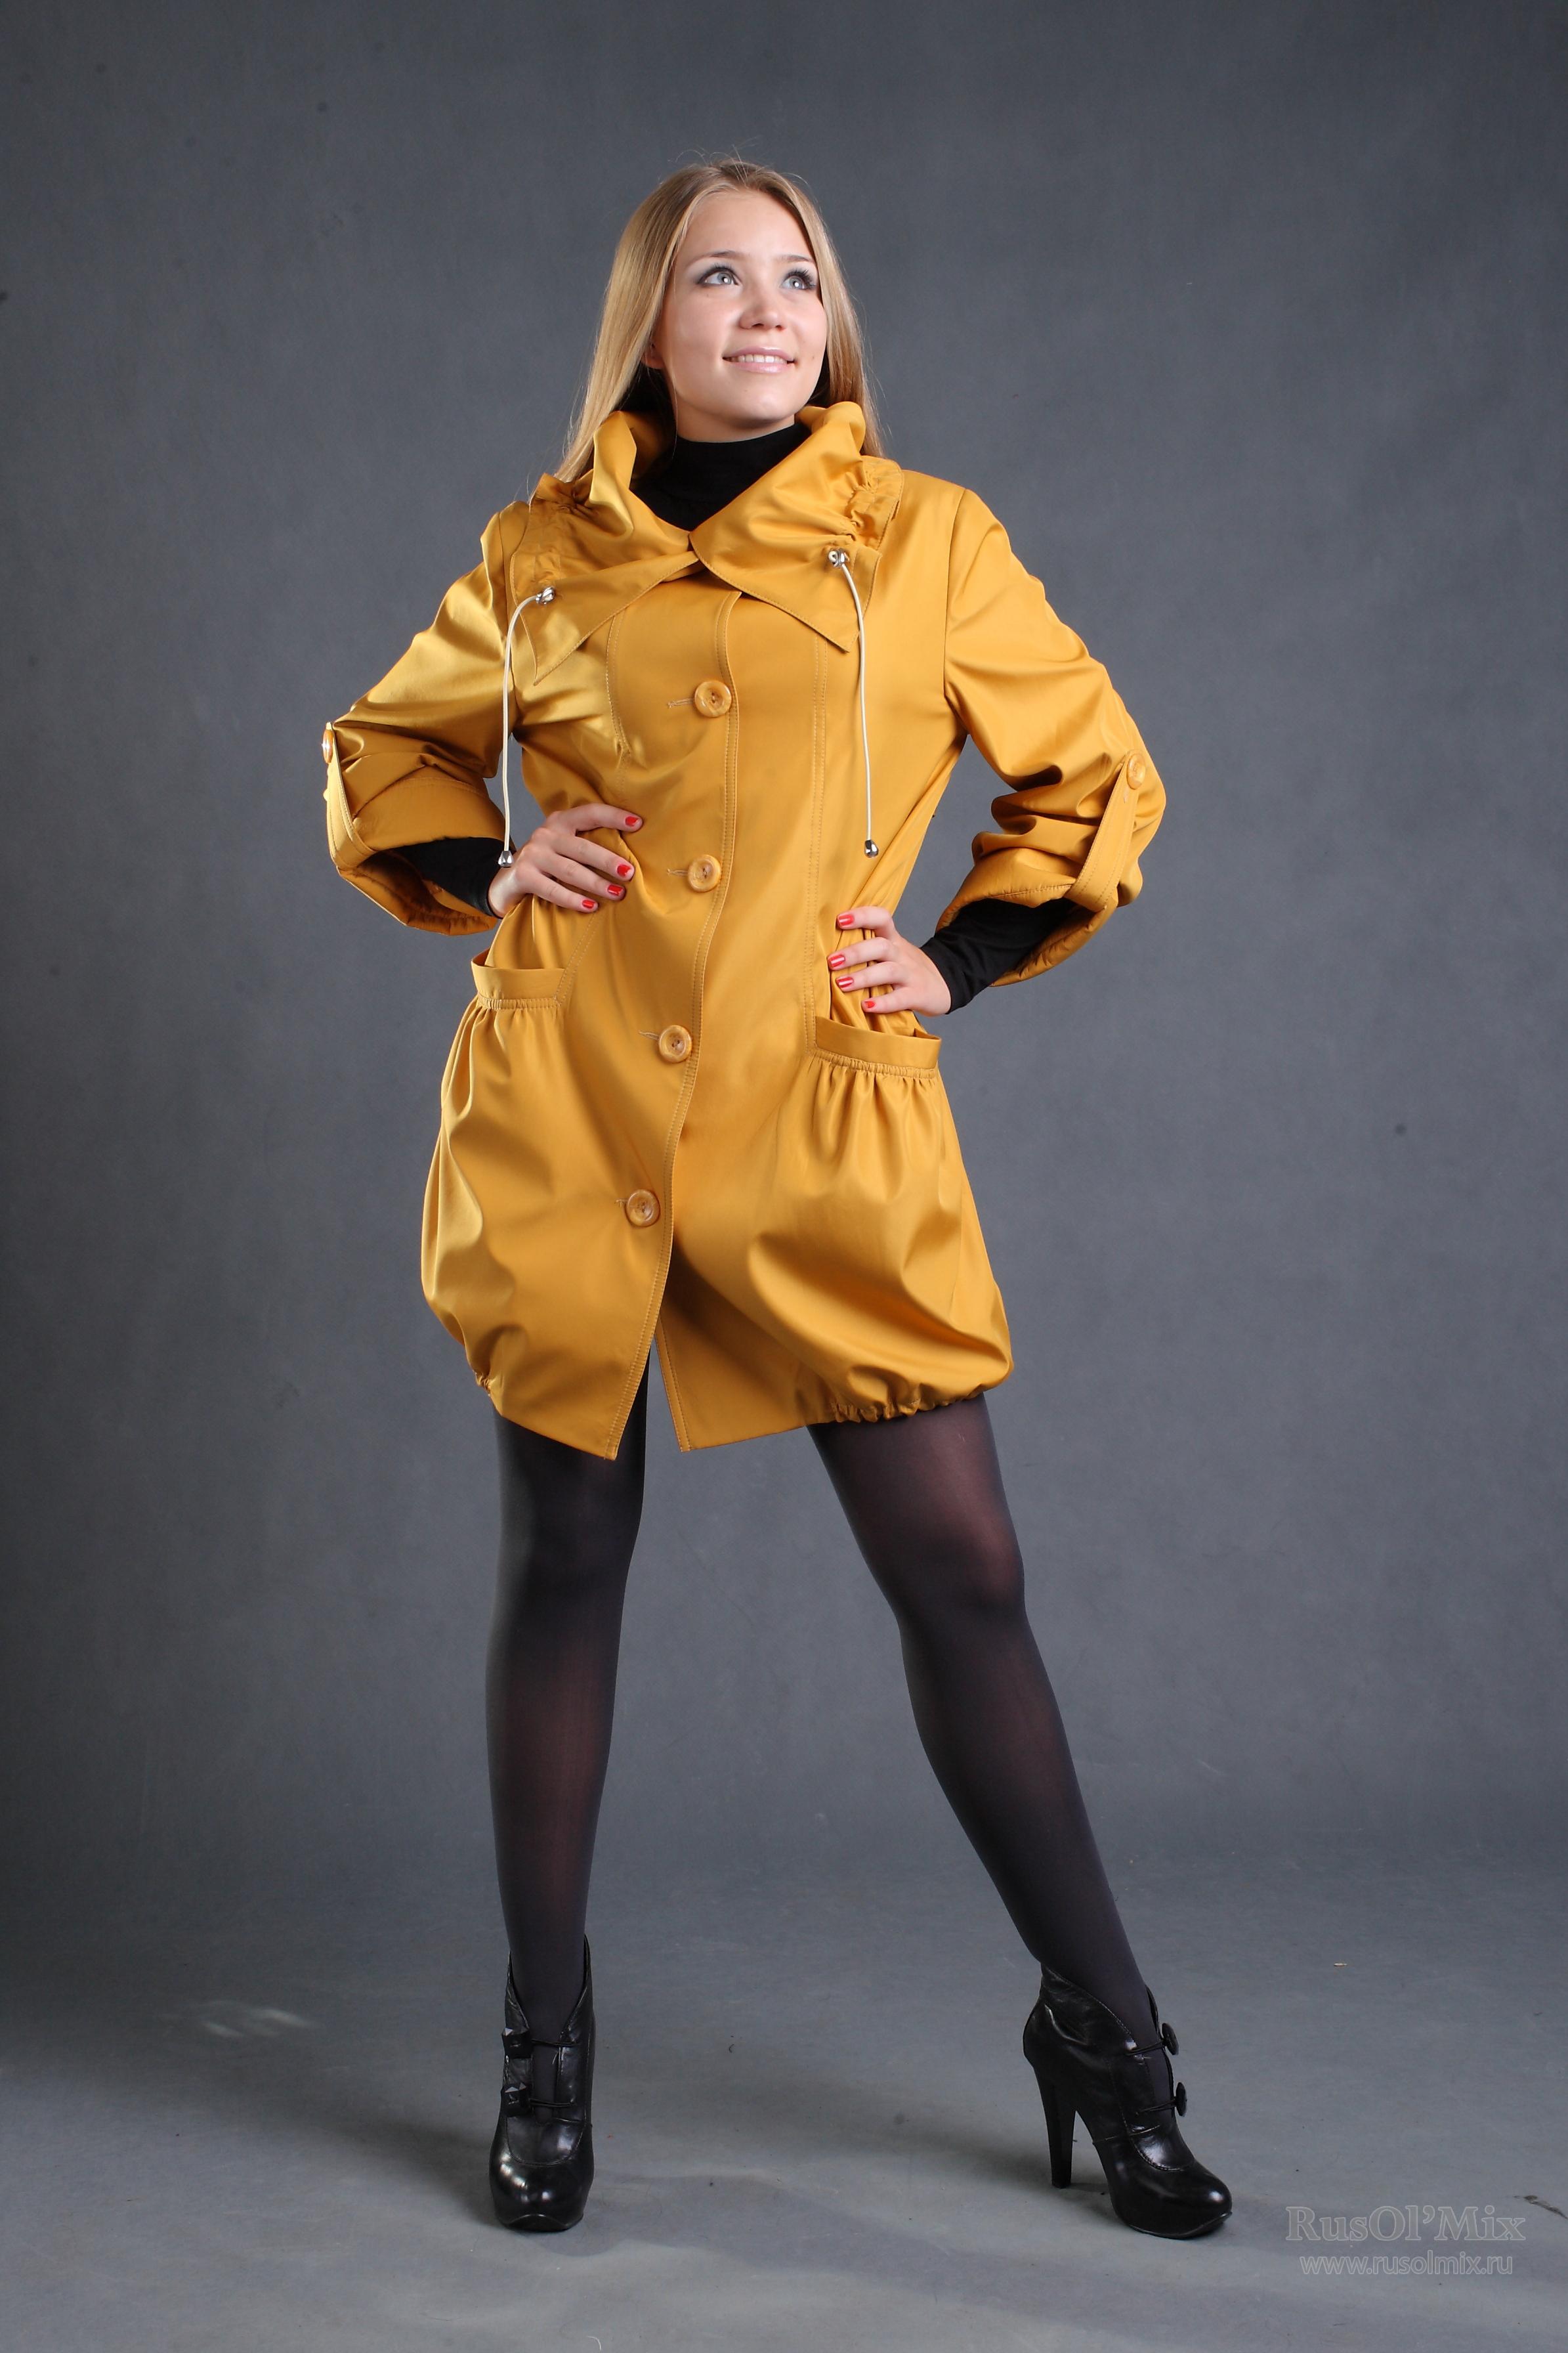 Приглашаю в закупку верхней одежды, платье, брюк, костюмов. Размеры от 42 до 70.